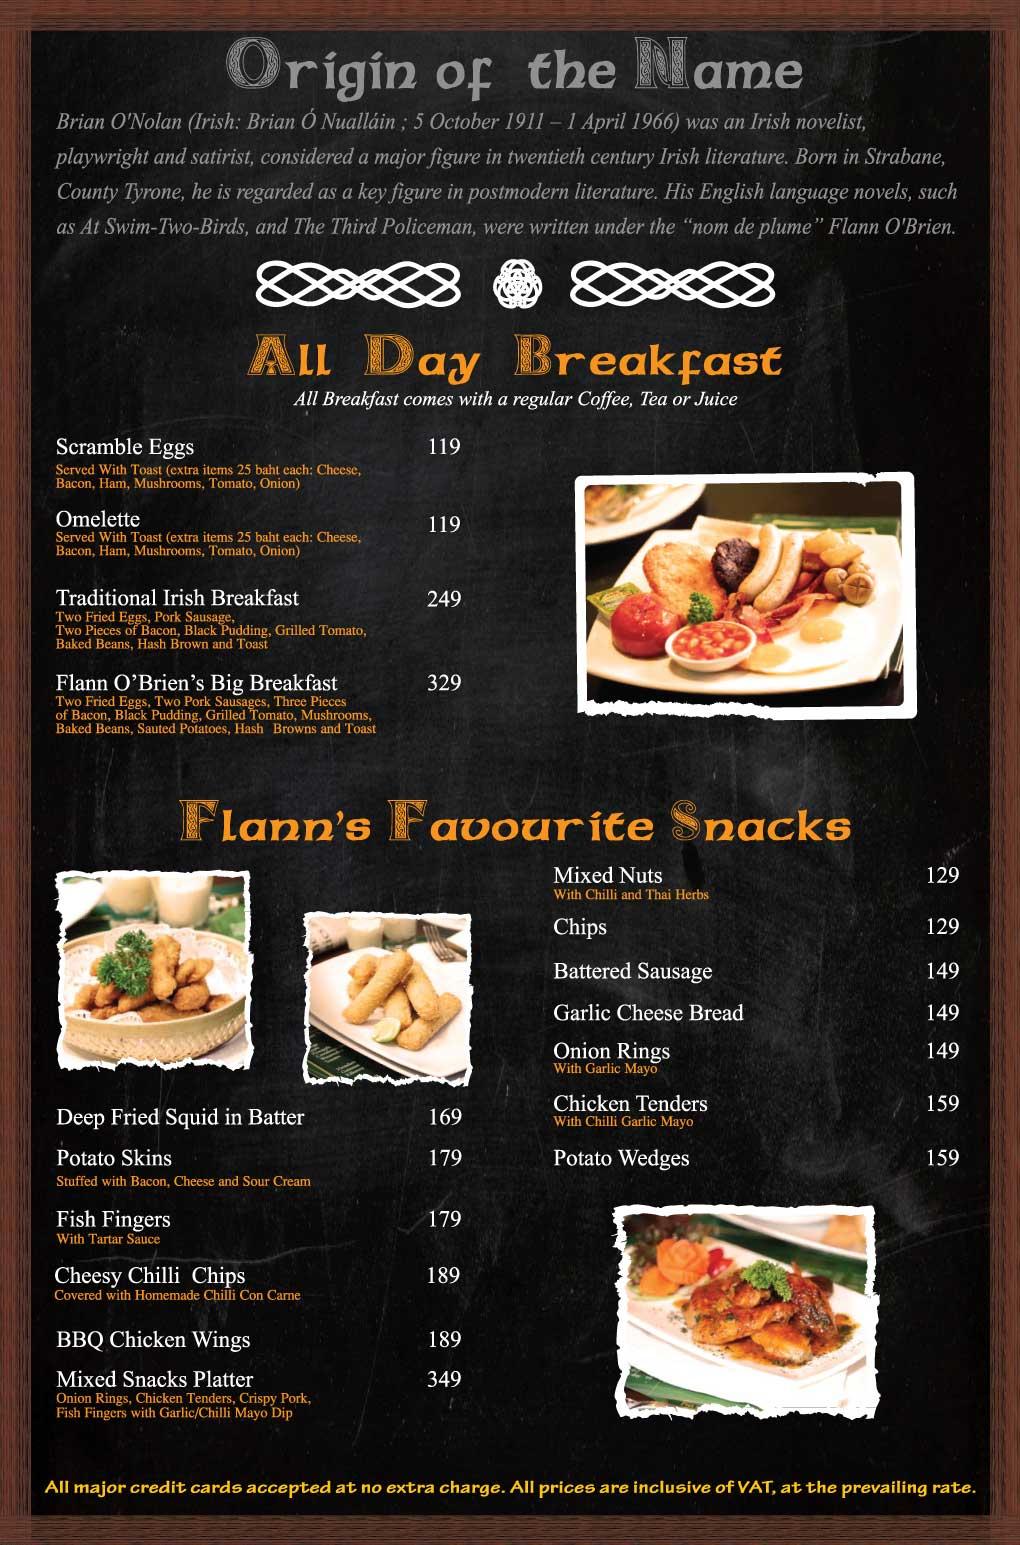 Flann Impact Food Menu Breakfast and Snacks